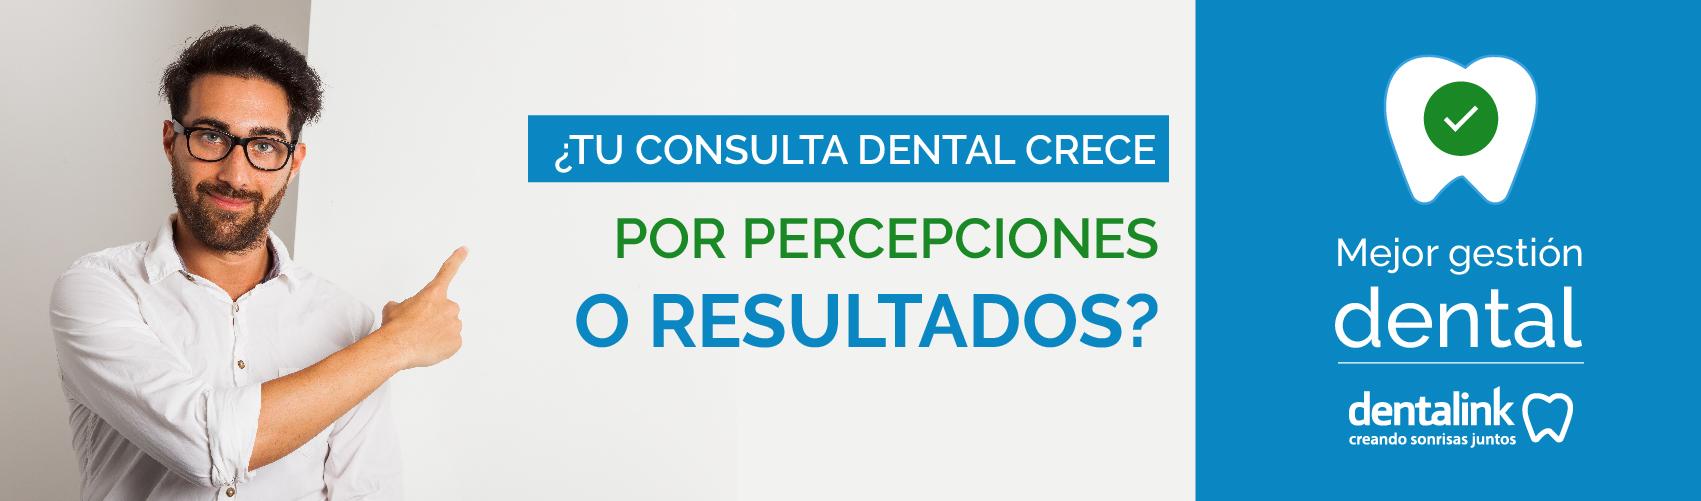 ¿Tu consulta dental crece por percepciones o por resultados?